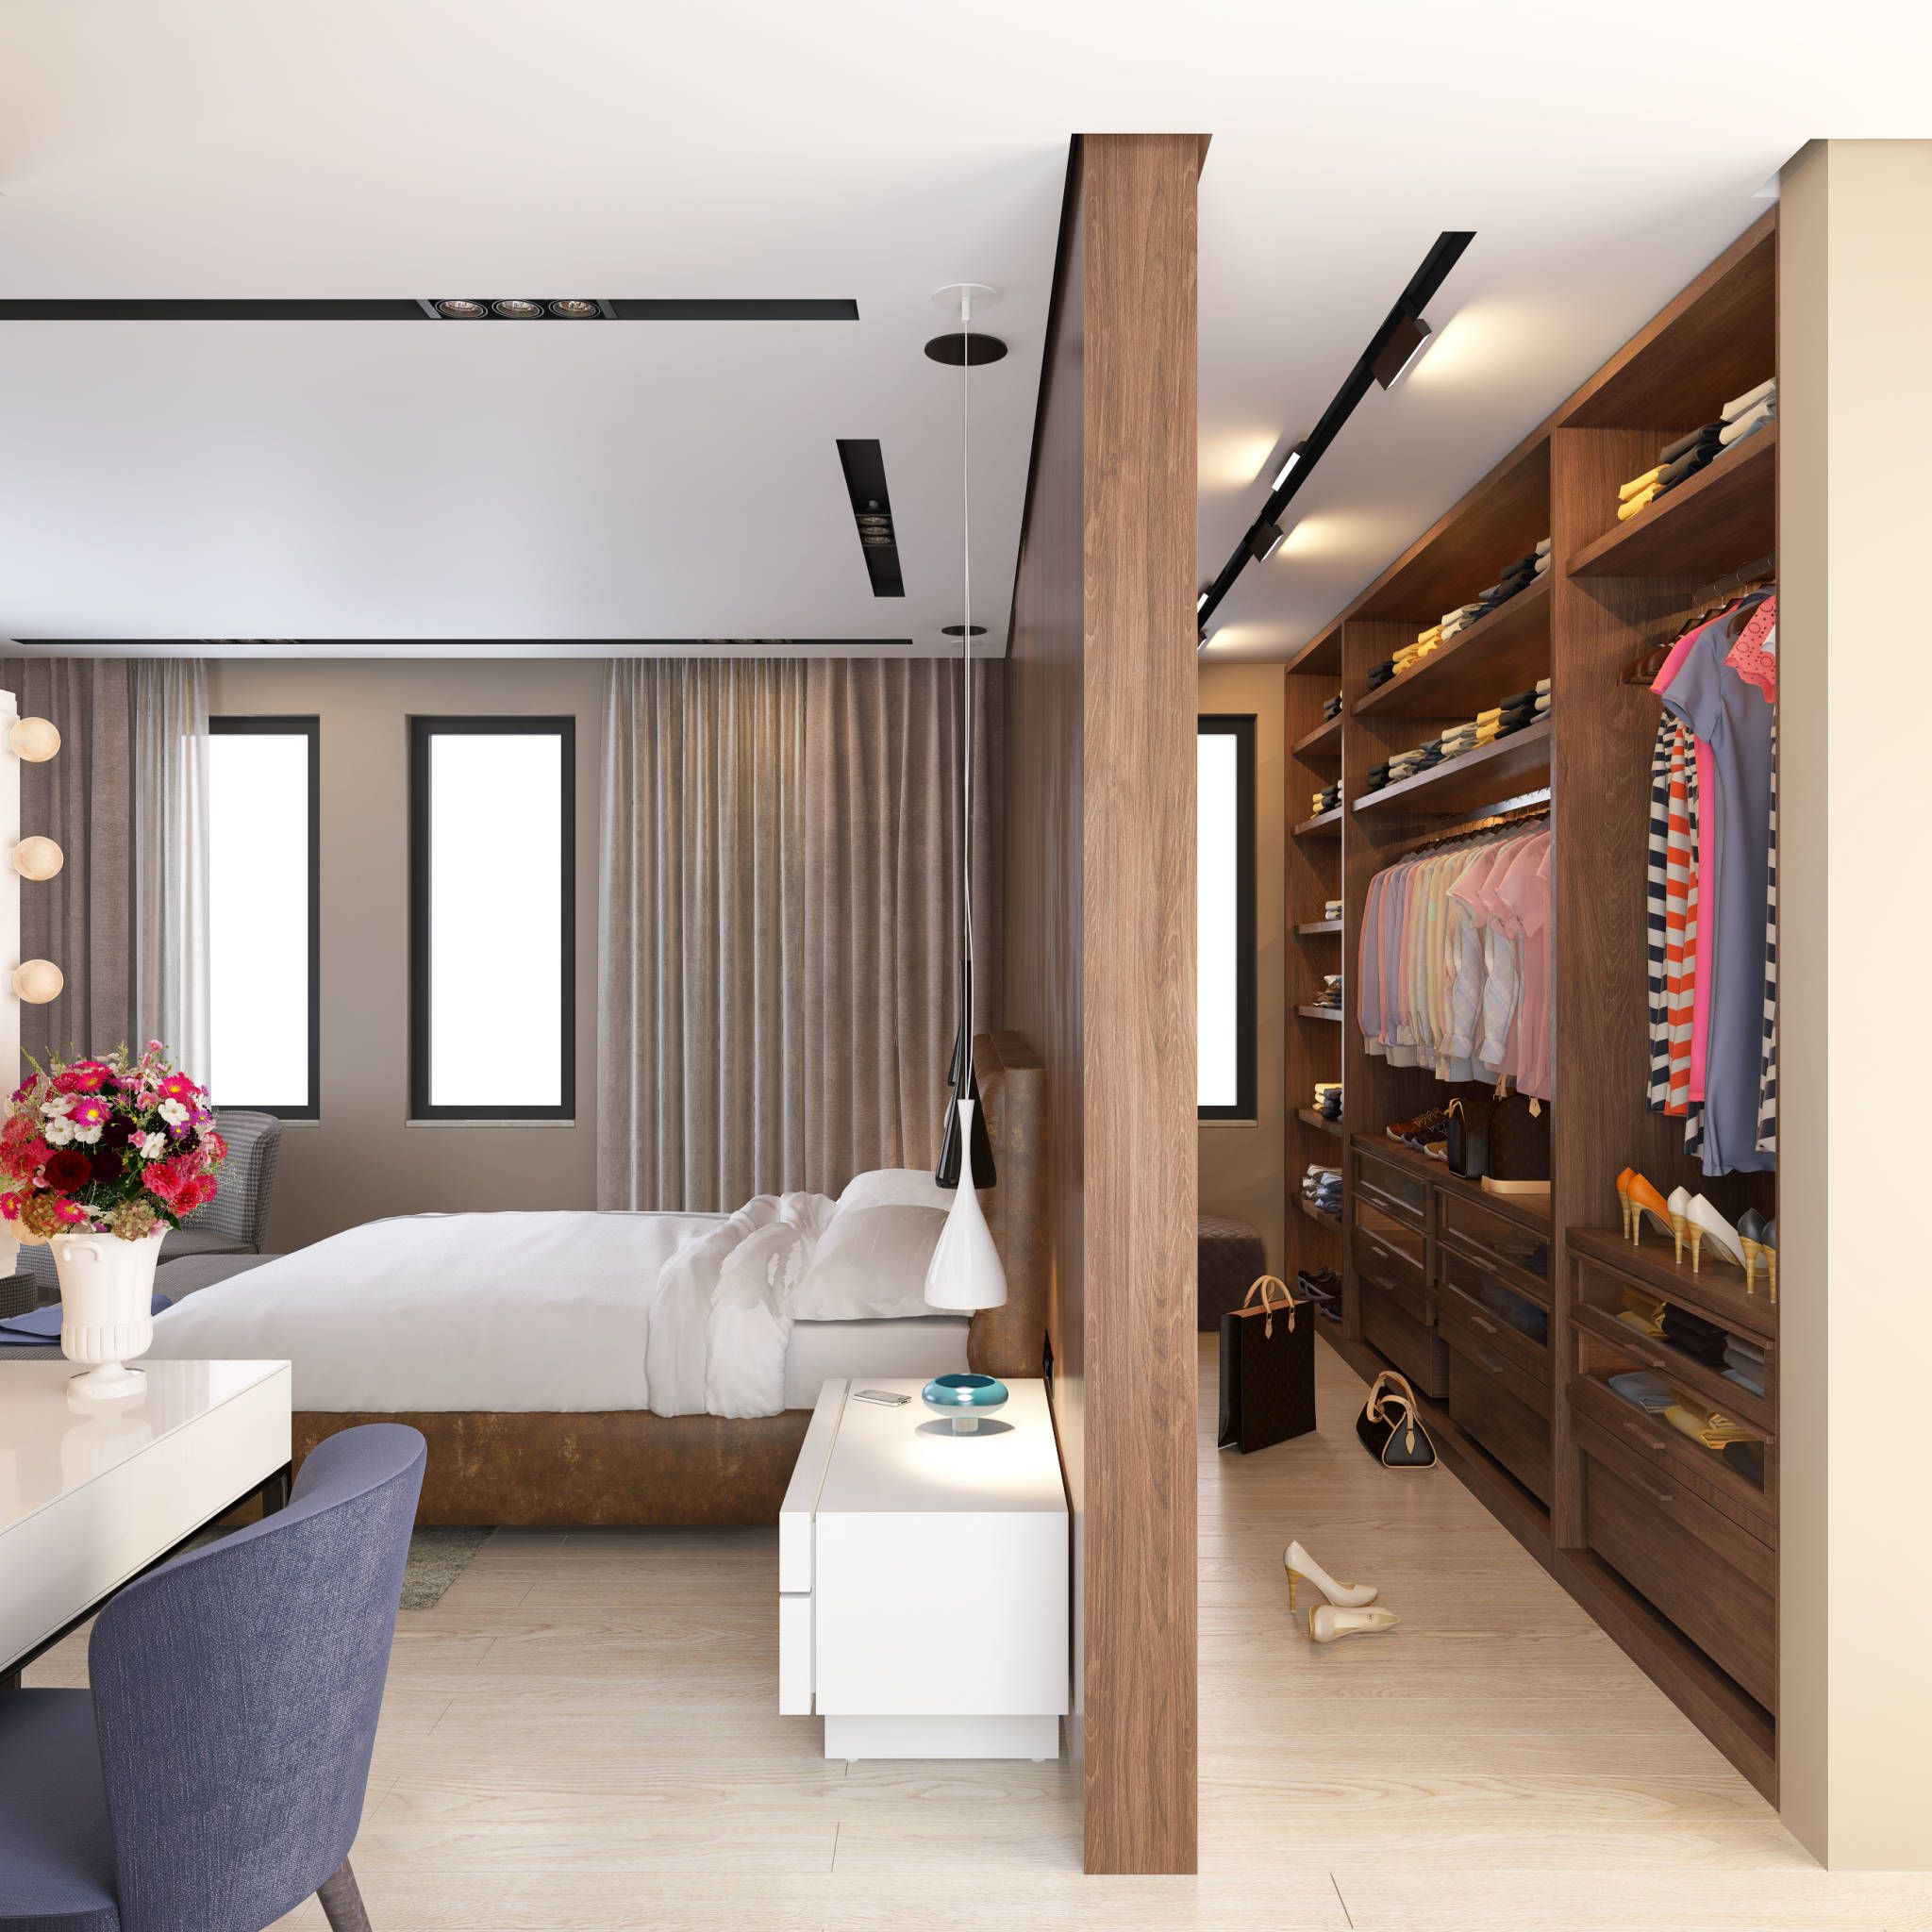 moderne schlafzimmer von fatihbeserek - Schlafzimmer Einrichtungideen Modern